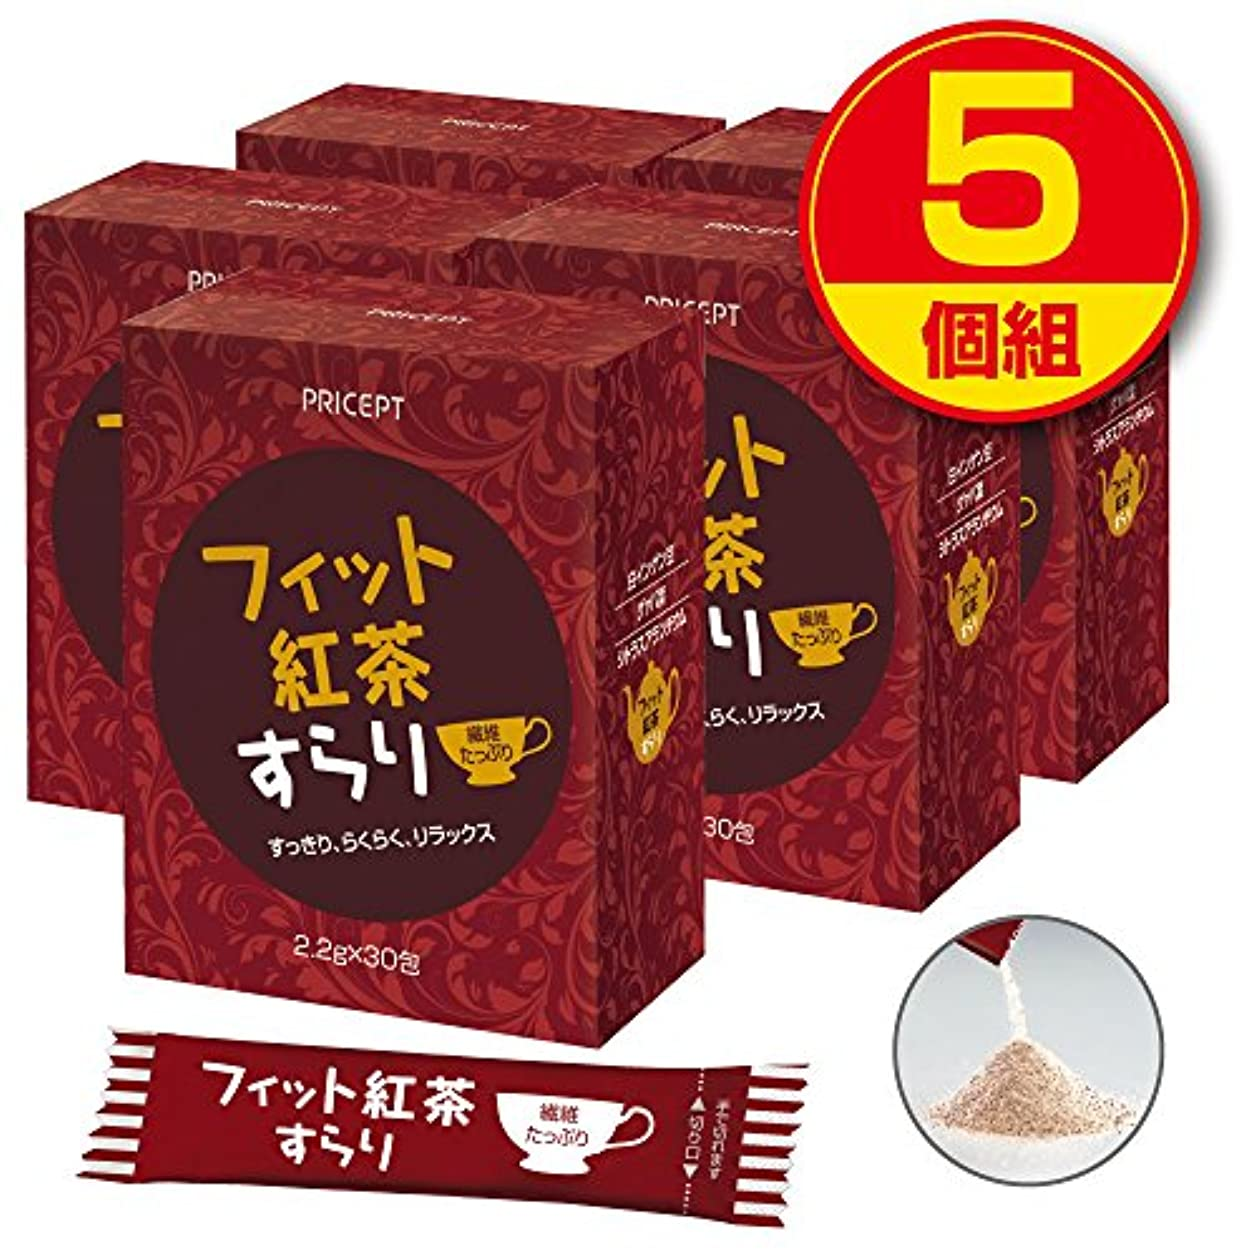 追放どっち不健全プリセプト フィット紅茶すらり(30包)【5個組?150包】(食物繊維配合ダイエットサポート紅茶)